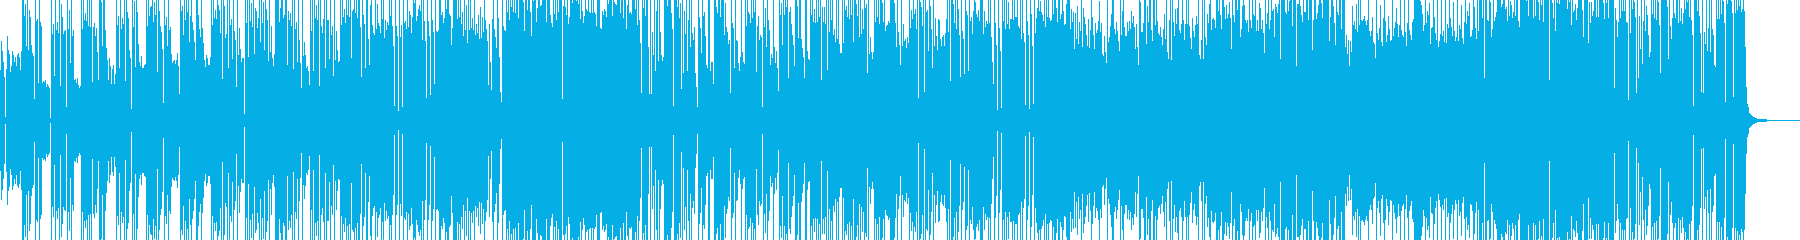 シンセ際立つ洋楽風4ピースロック Bの再生済みの波形